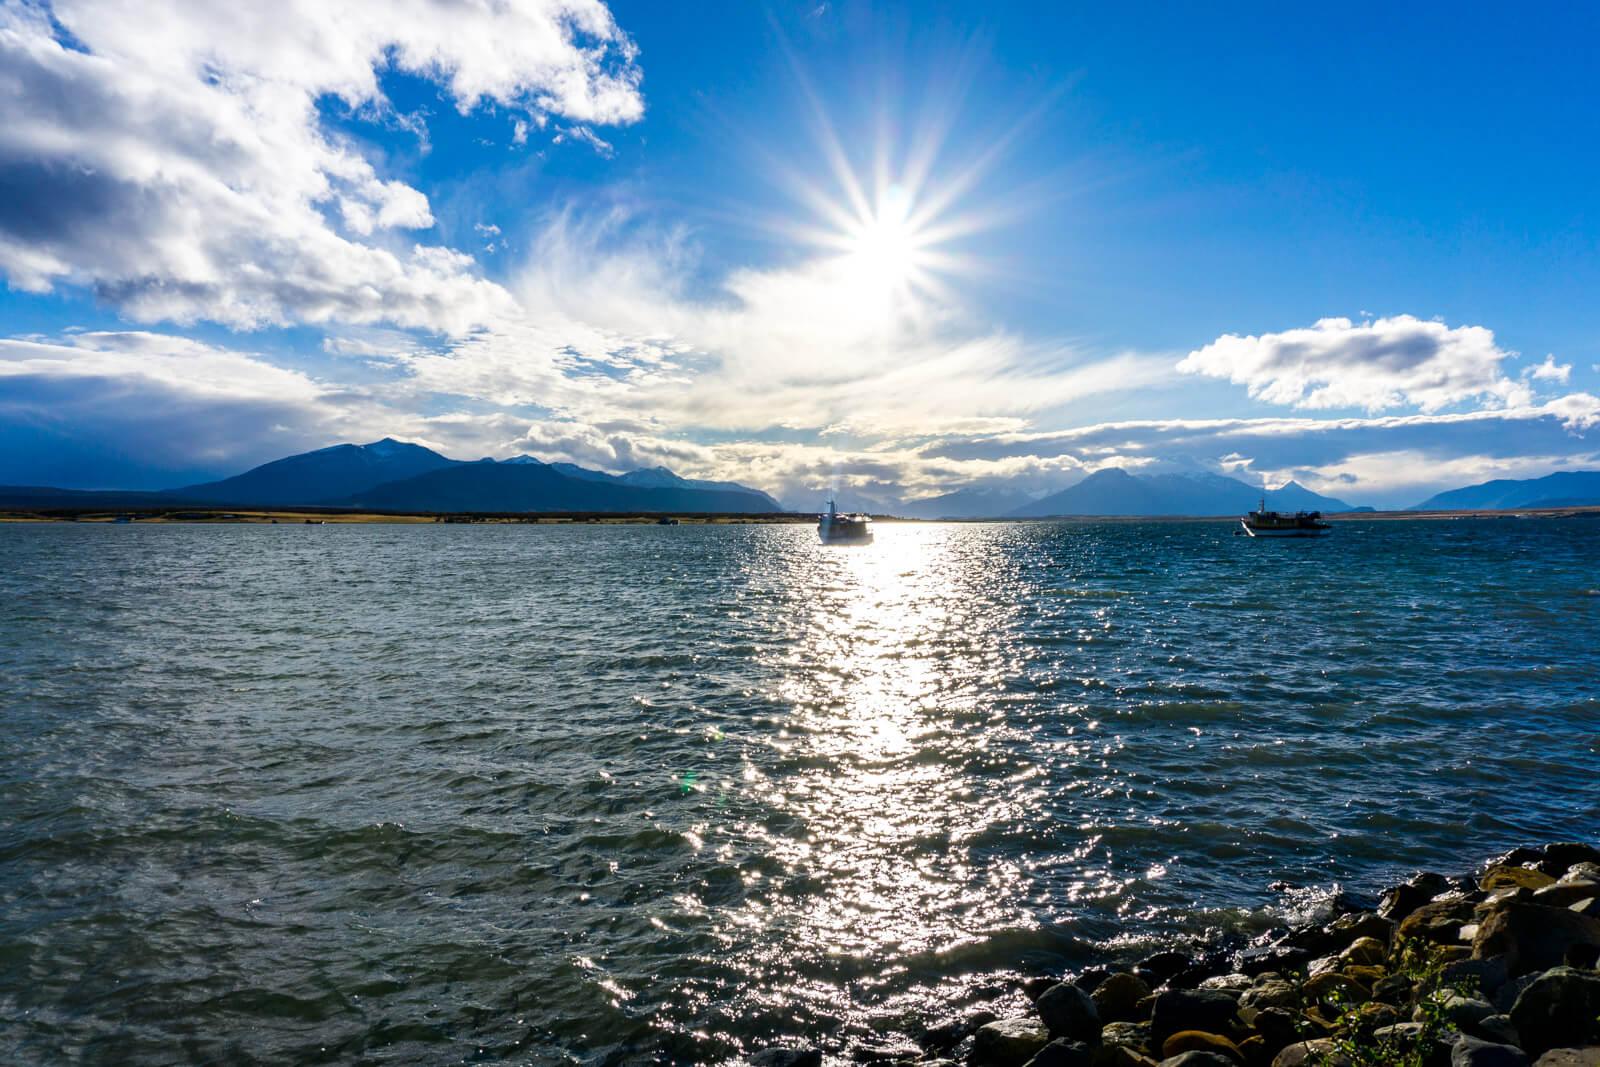 Puerto Natales, the start of the Torres del Paine W Trek